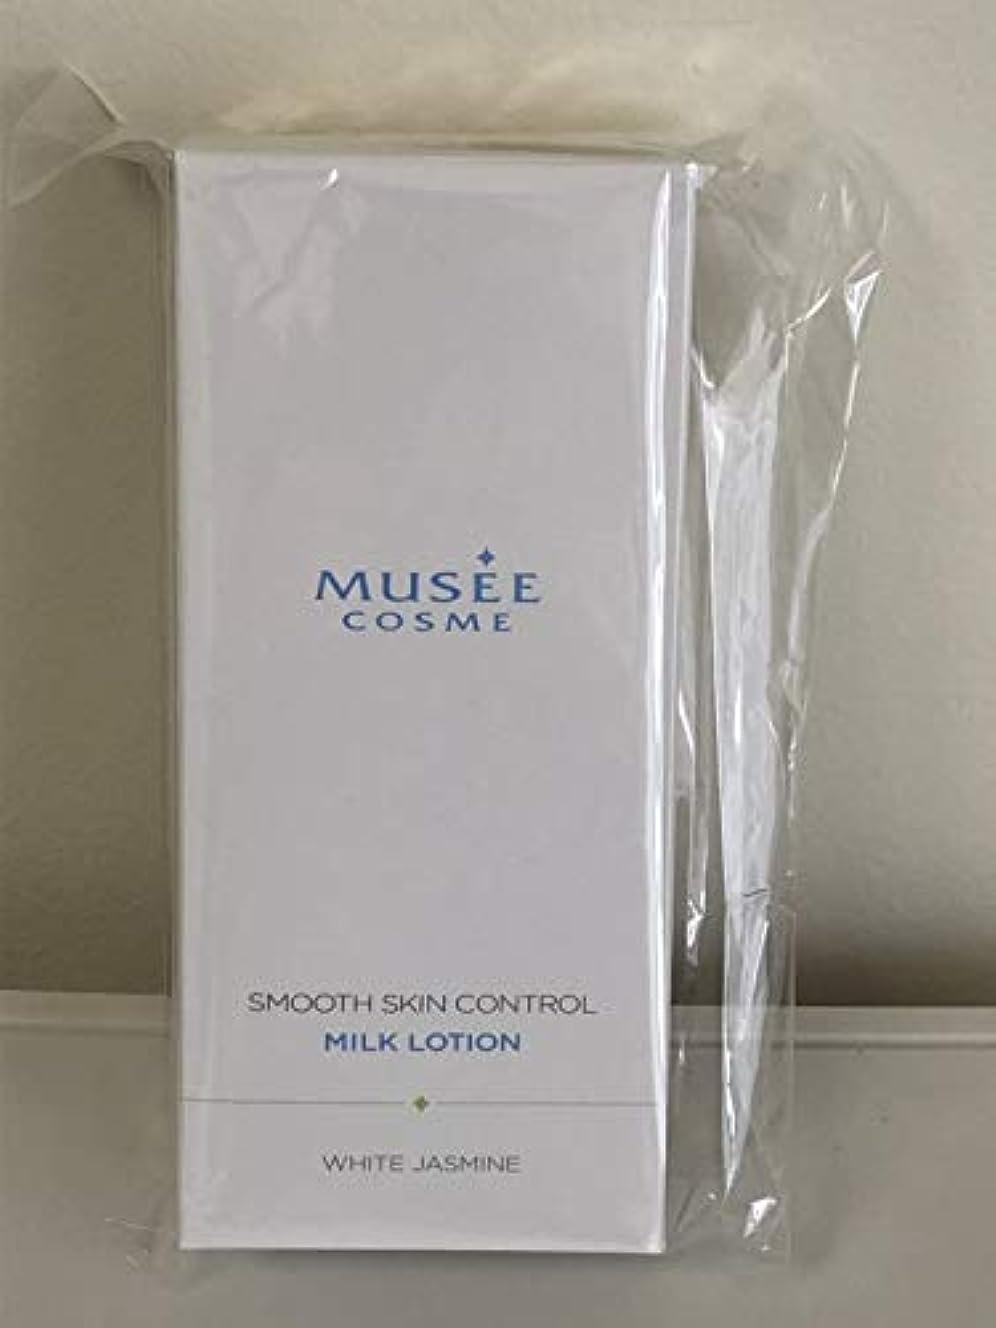 特別な組み合わせるましいミュゼコスメ 薬用スムーススキンコントロール ミルクローション 300mL ホワイトジャスミンの香り